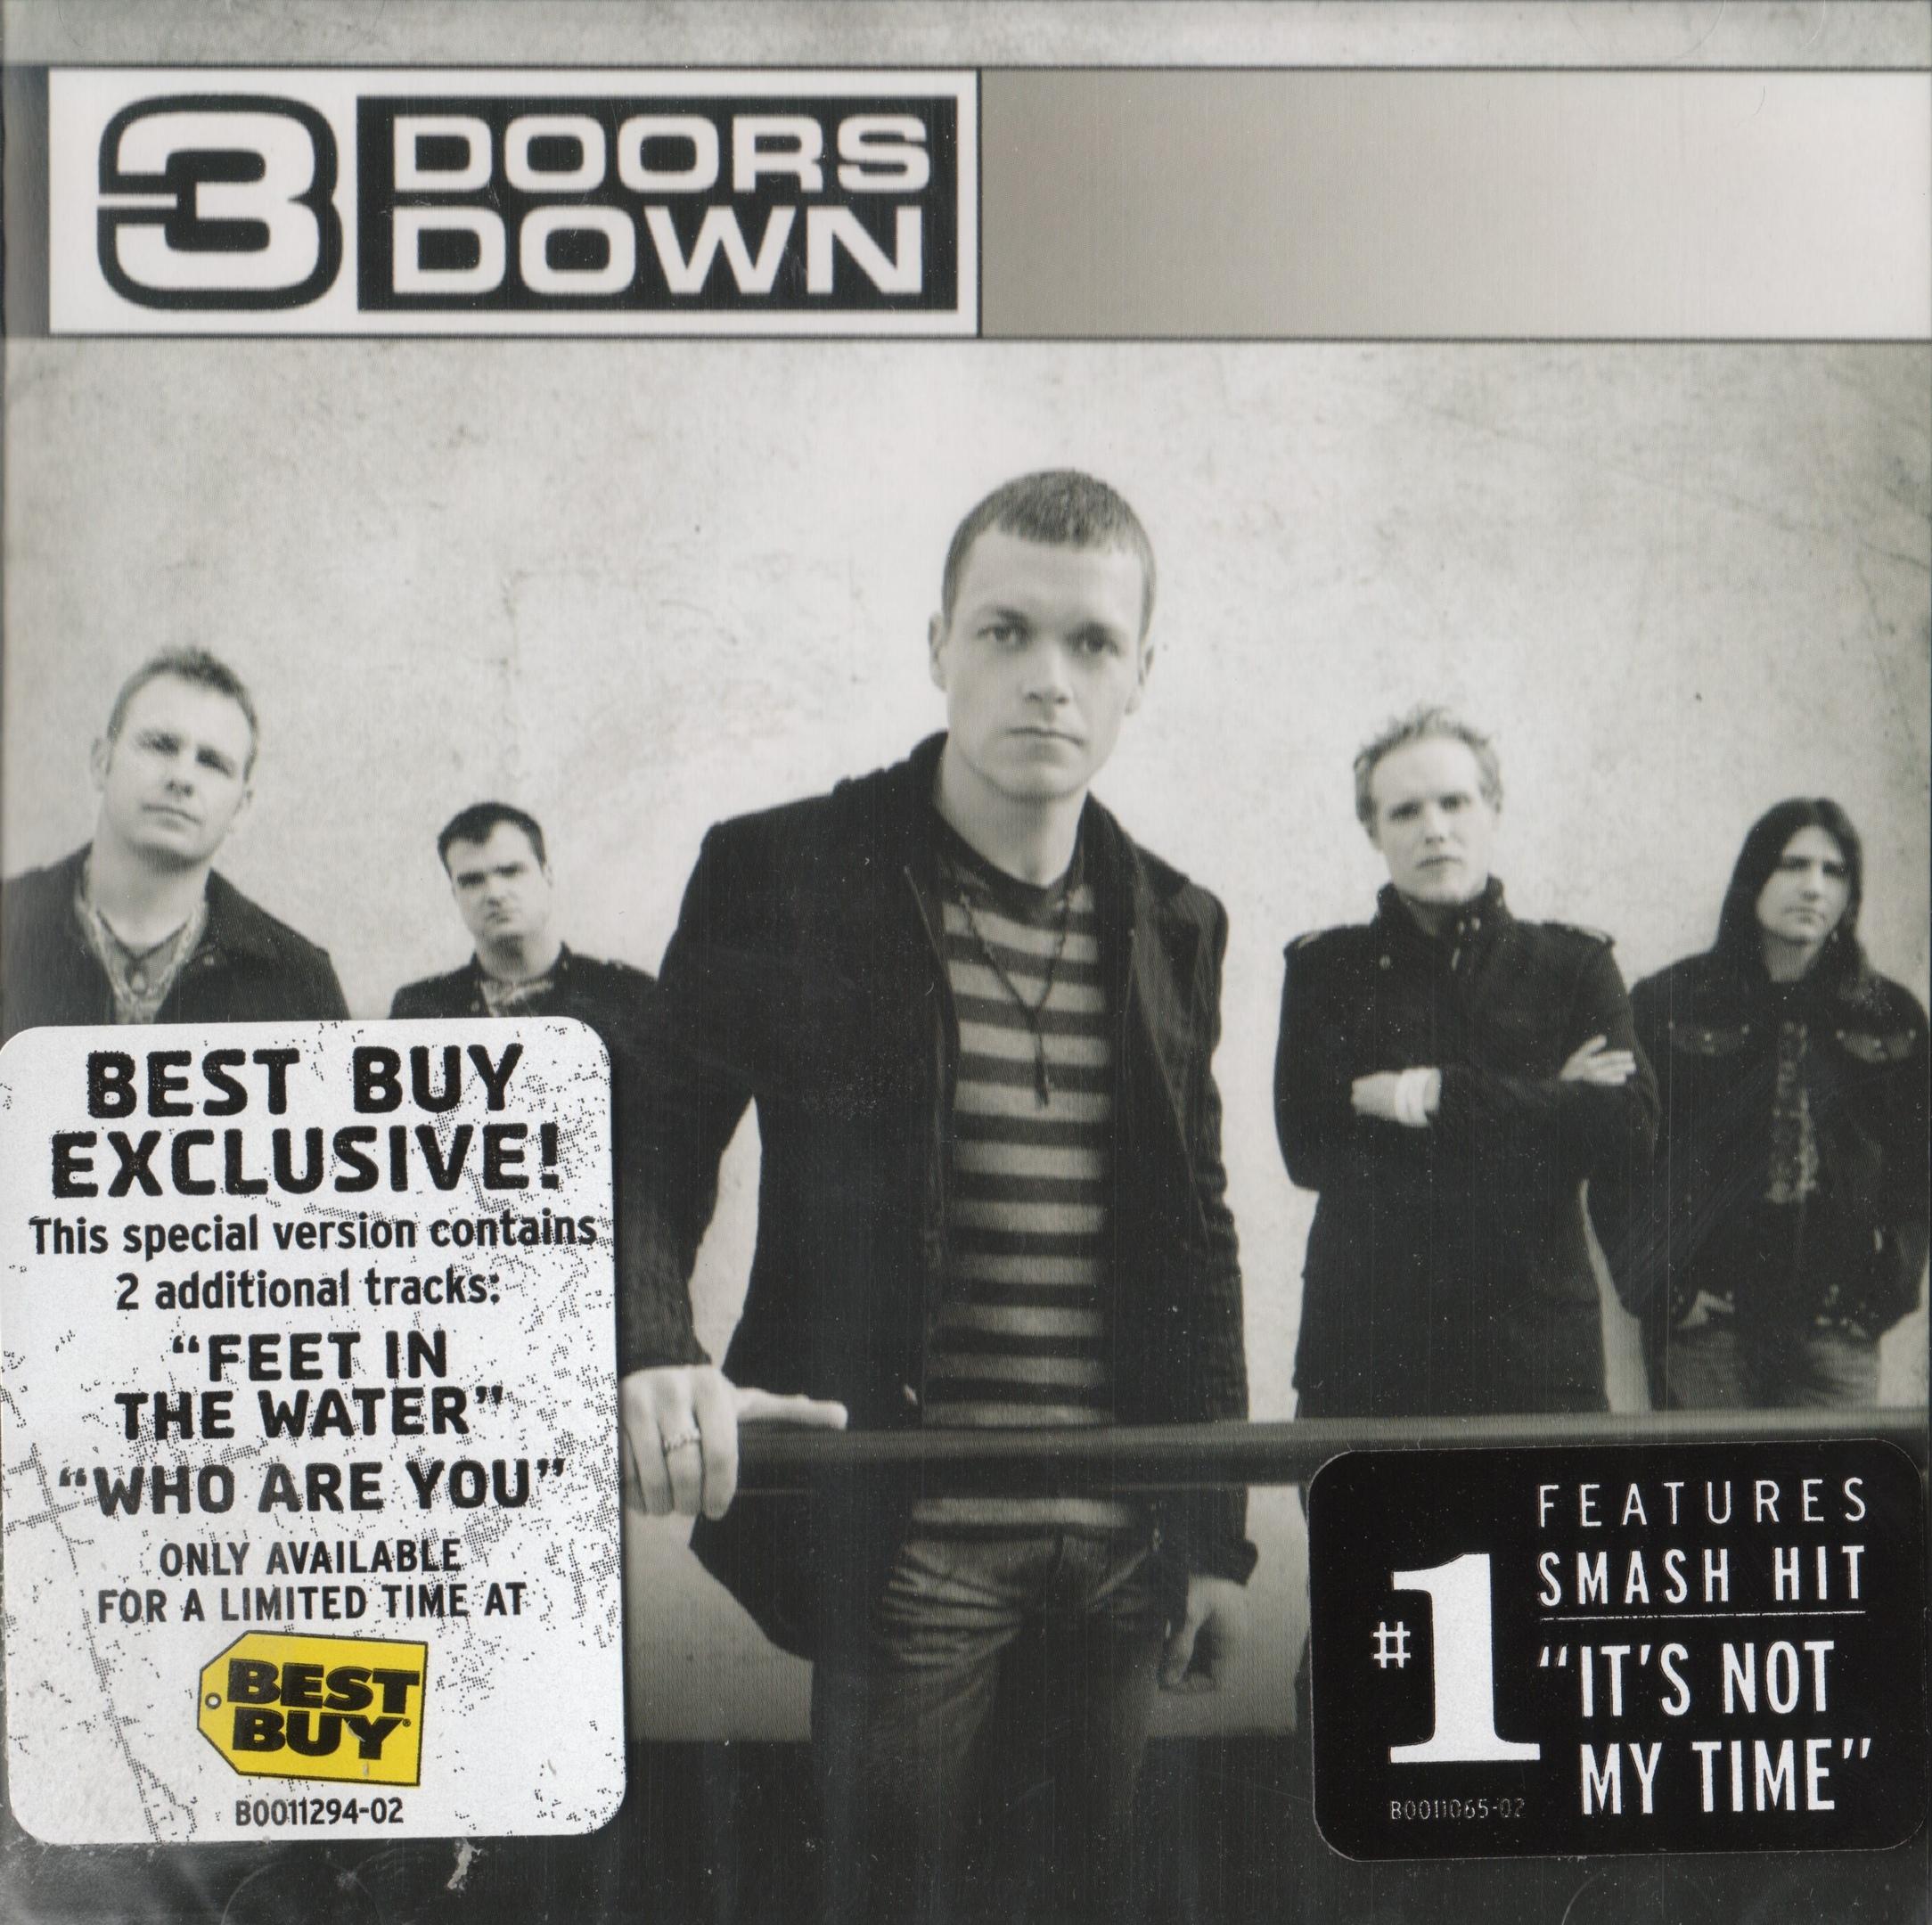 3 Doors Down - 3 Doors Down (Best Buy Edition)-cover